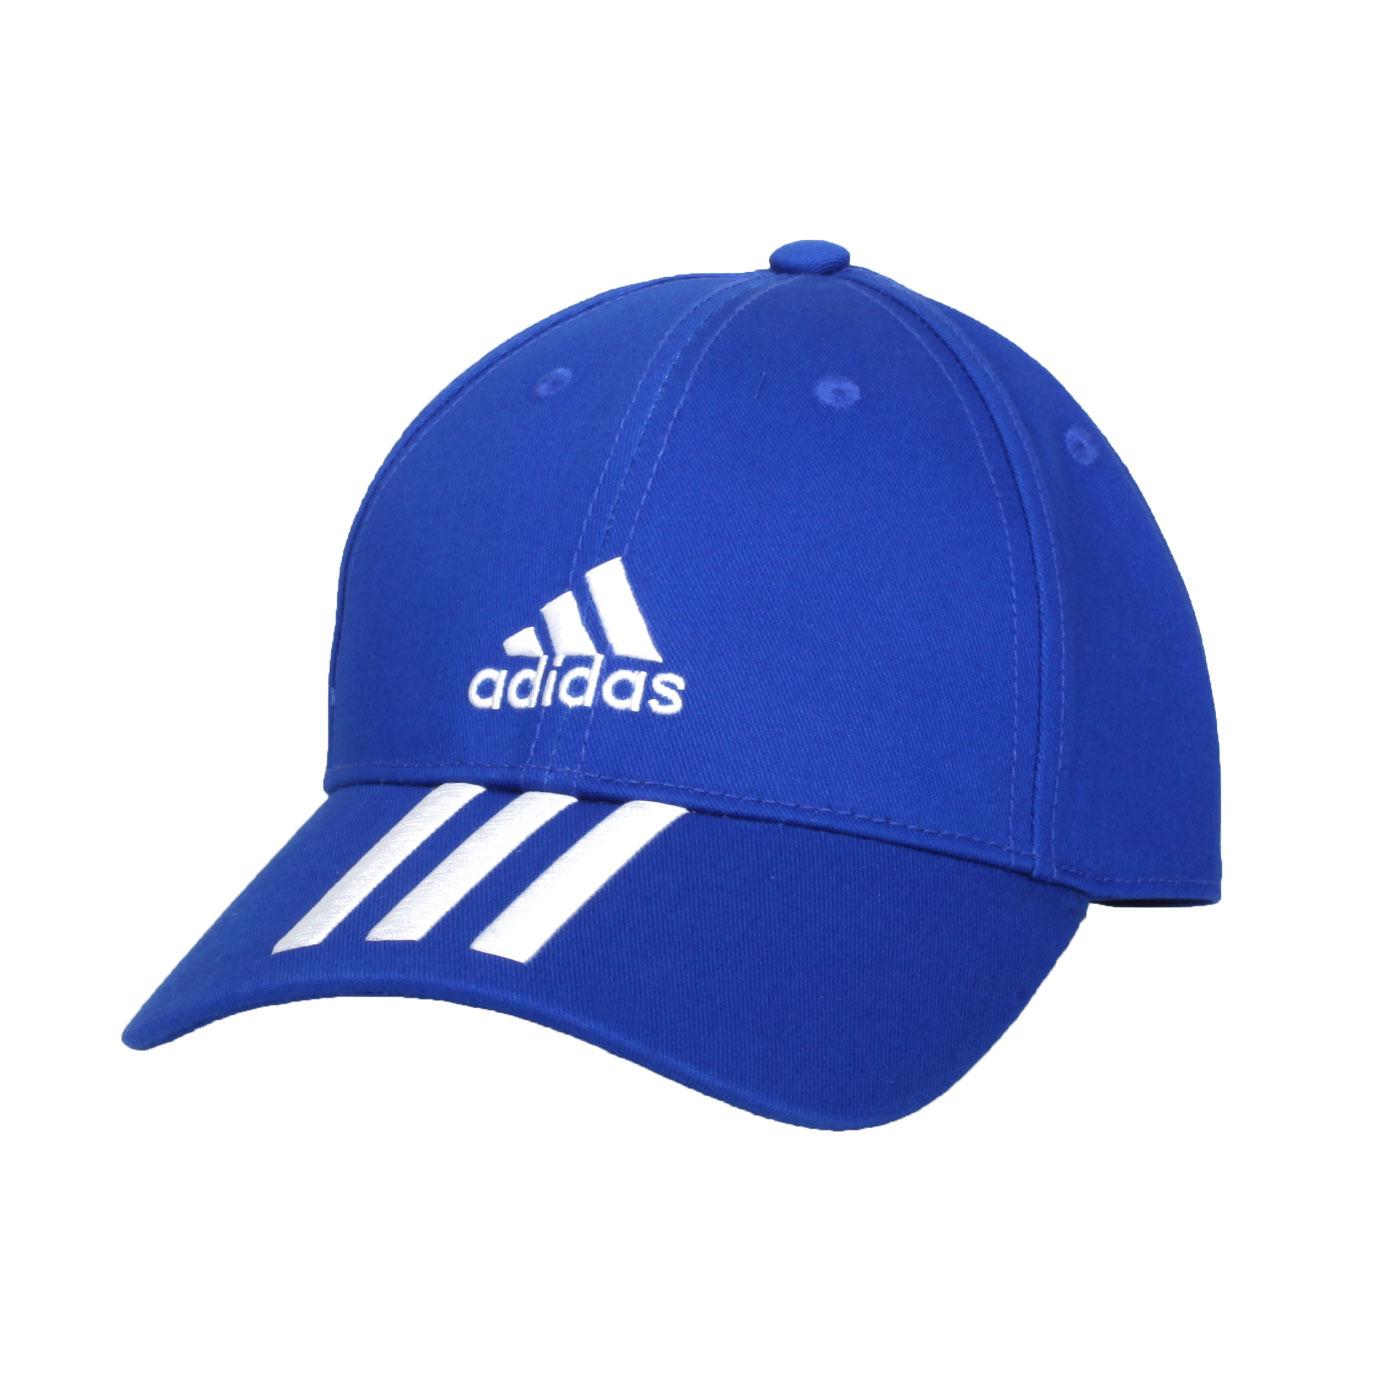 ADIDAS 帽子 DU1989 - 藍白